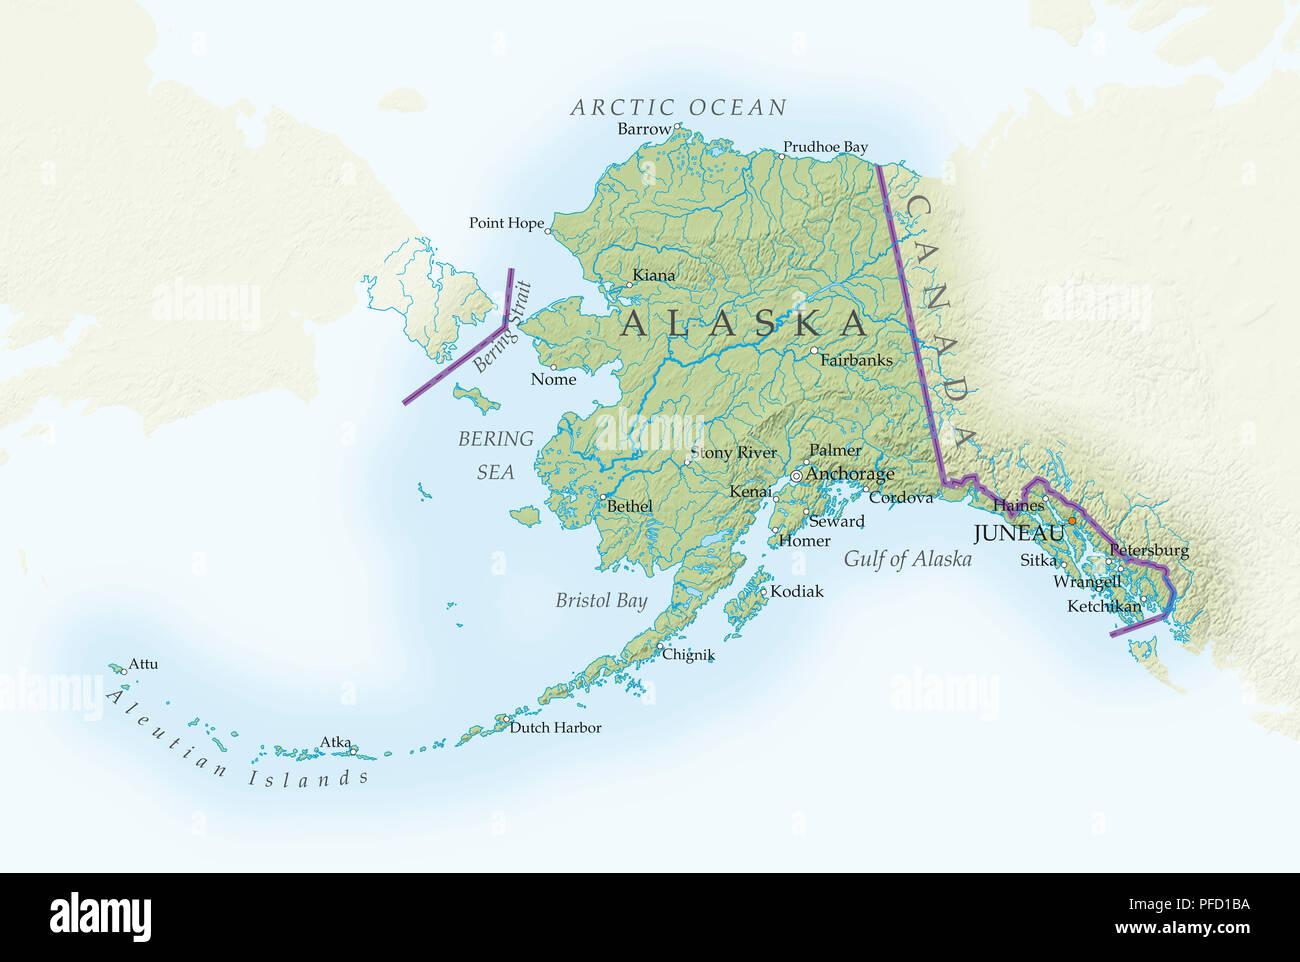 Cartography Alaska Stock Photos Cartography Alaska Stock Images